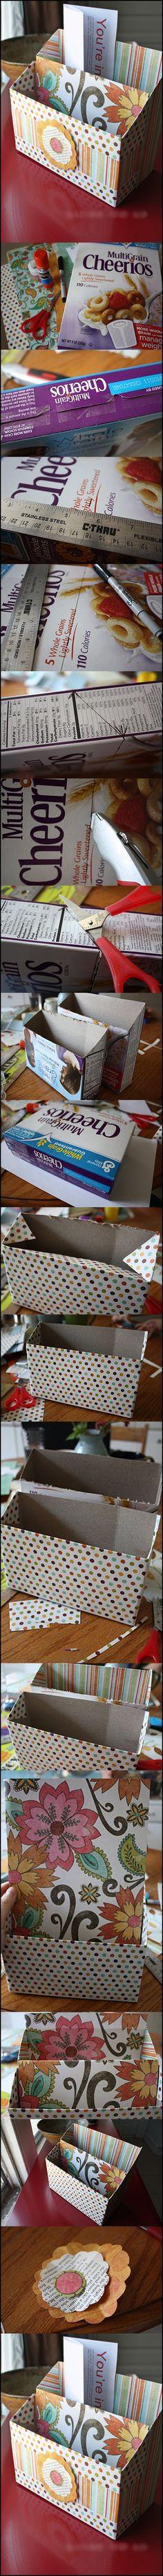 Wonderful DIY Organizer from cereal box   WonderfulDIY.com